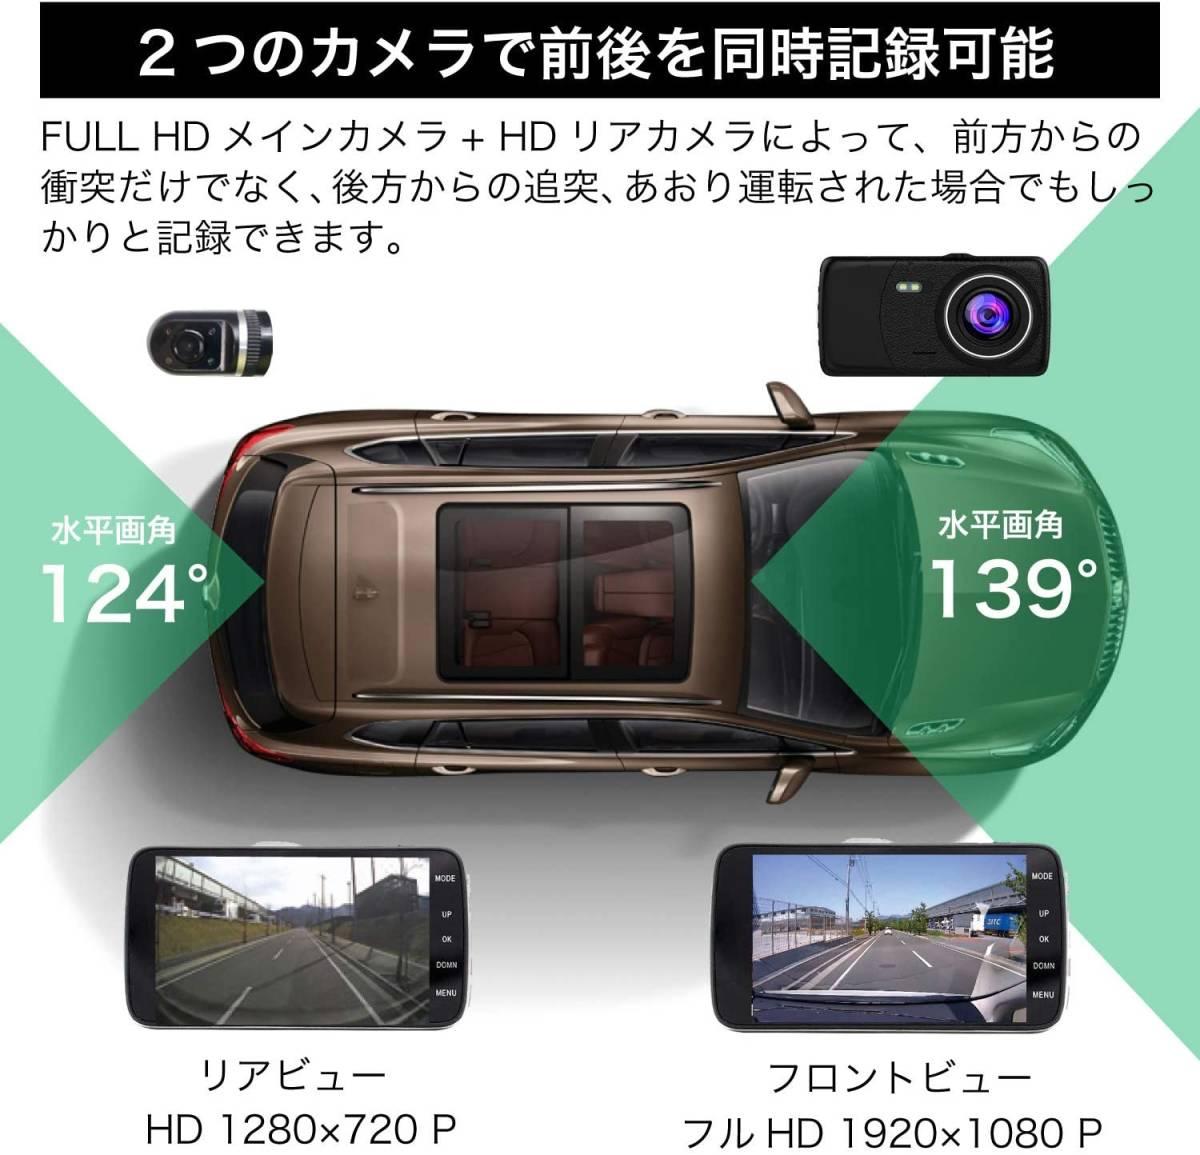 日本製 ドライブレコーダー 前後 カメラ 2カメラ 前後カメラ リアカメラ 駐車監視 衝撃録画 常時録画 モーション検知 ドラレコ_画像5